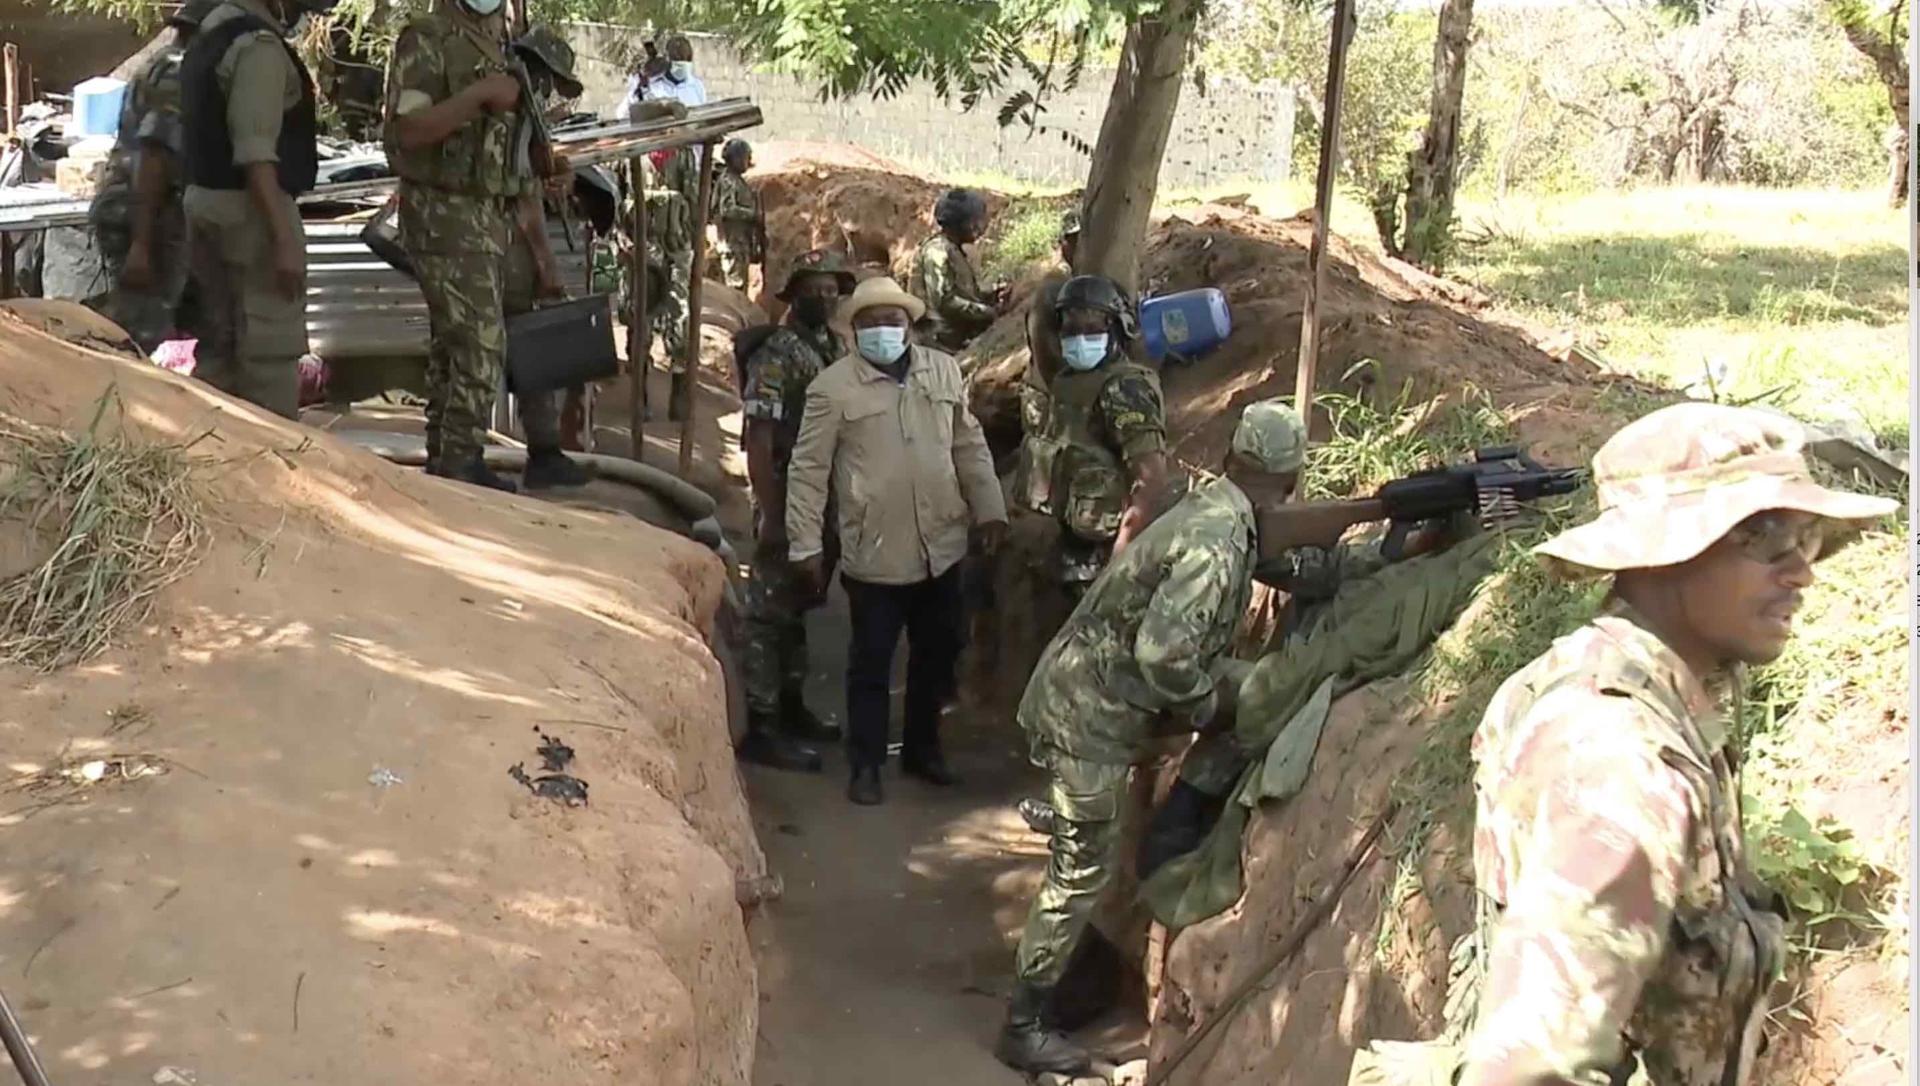 Mozambique: Nyusi confirms arrival of Rwandan forces in Cabo Delgado – Watch